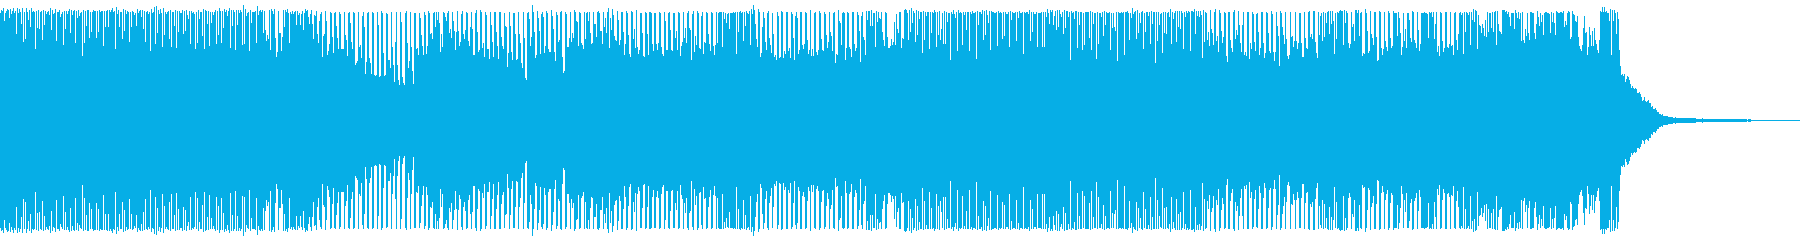 戦闘シーン向け 疾走感ある攻撃的なメタルの再生済みの波形